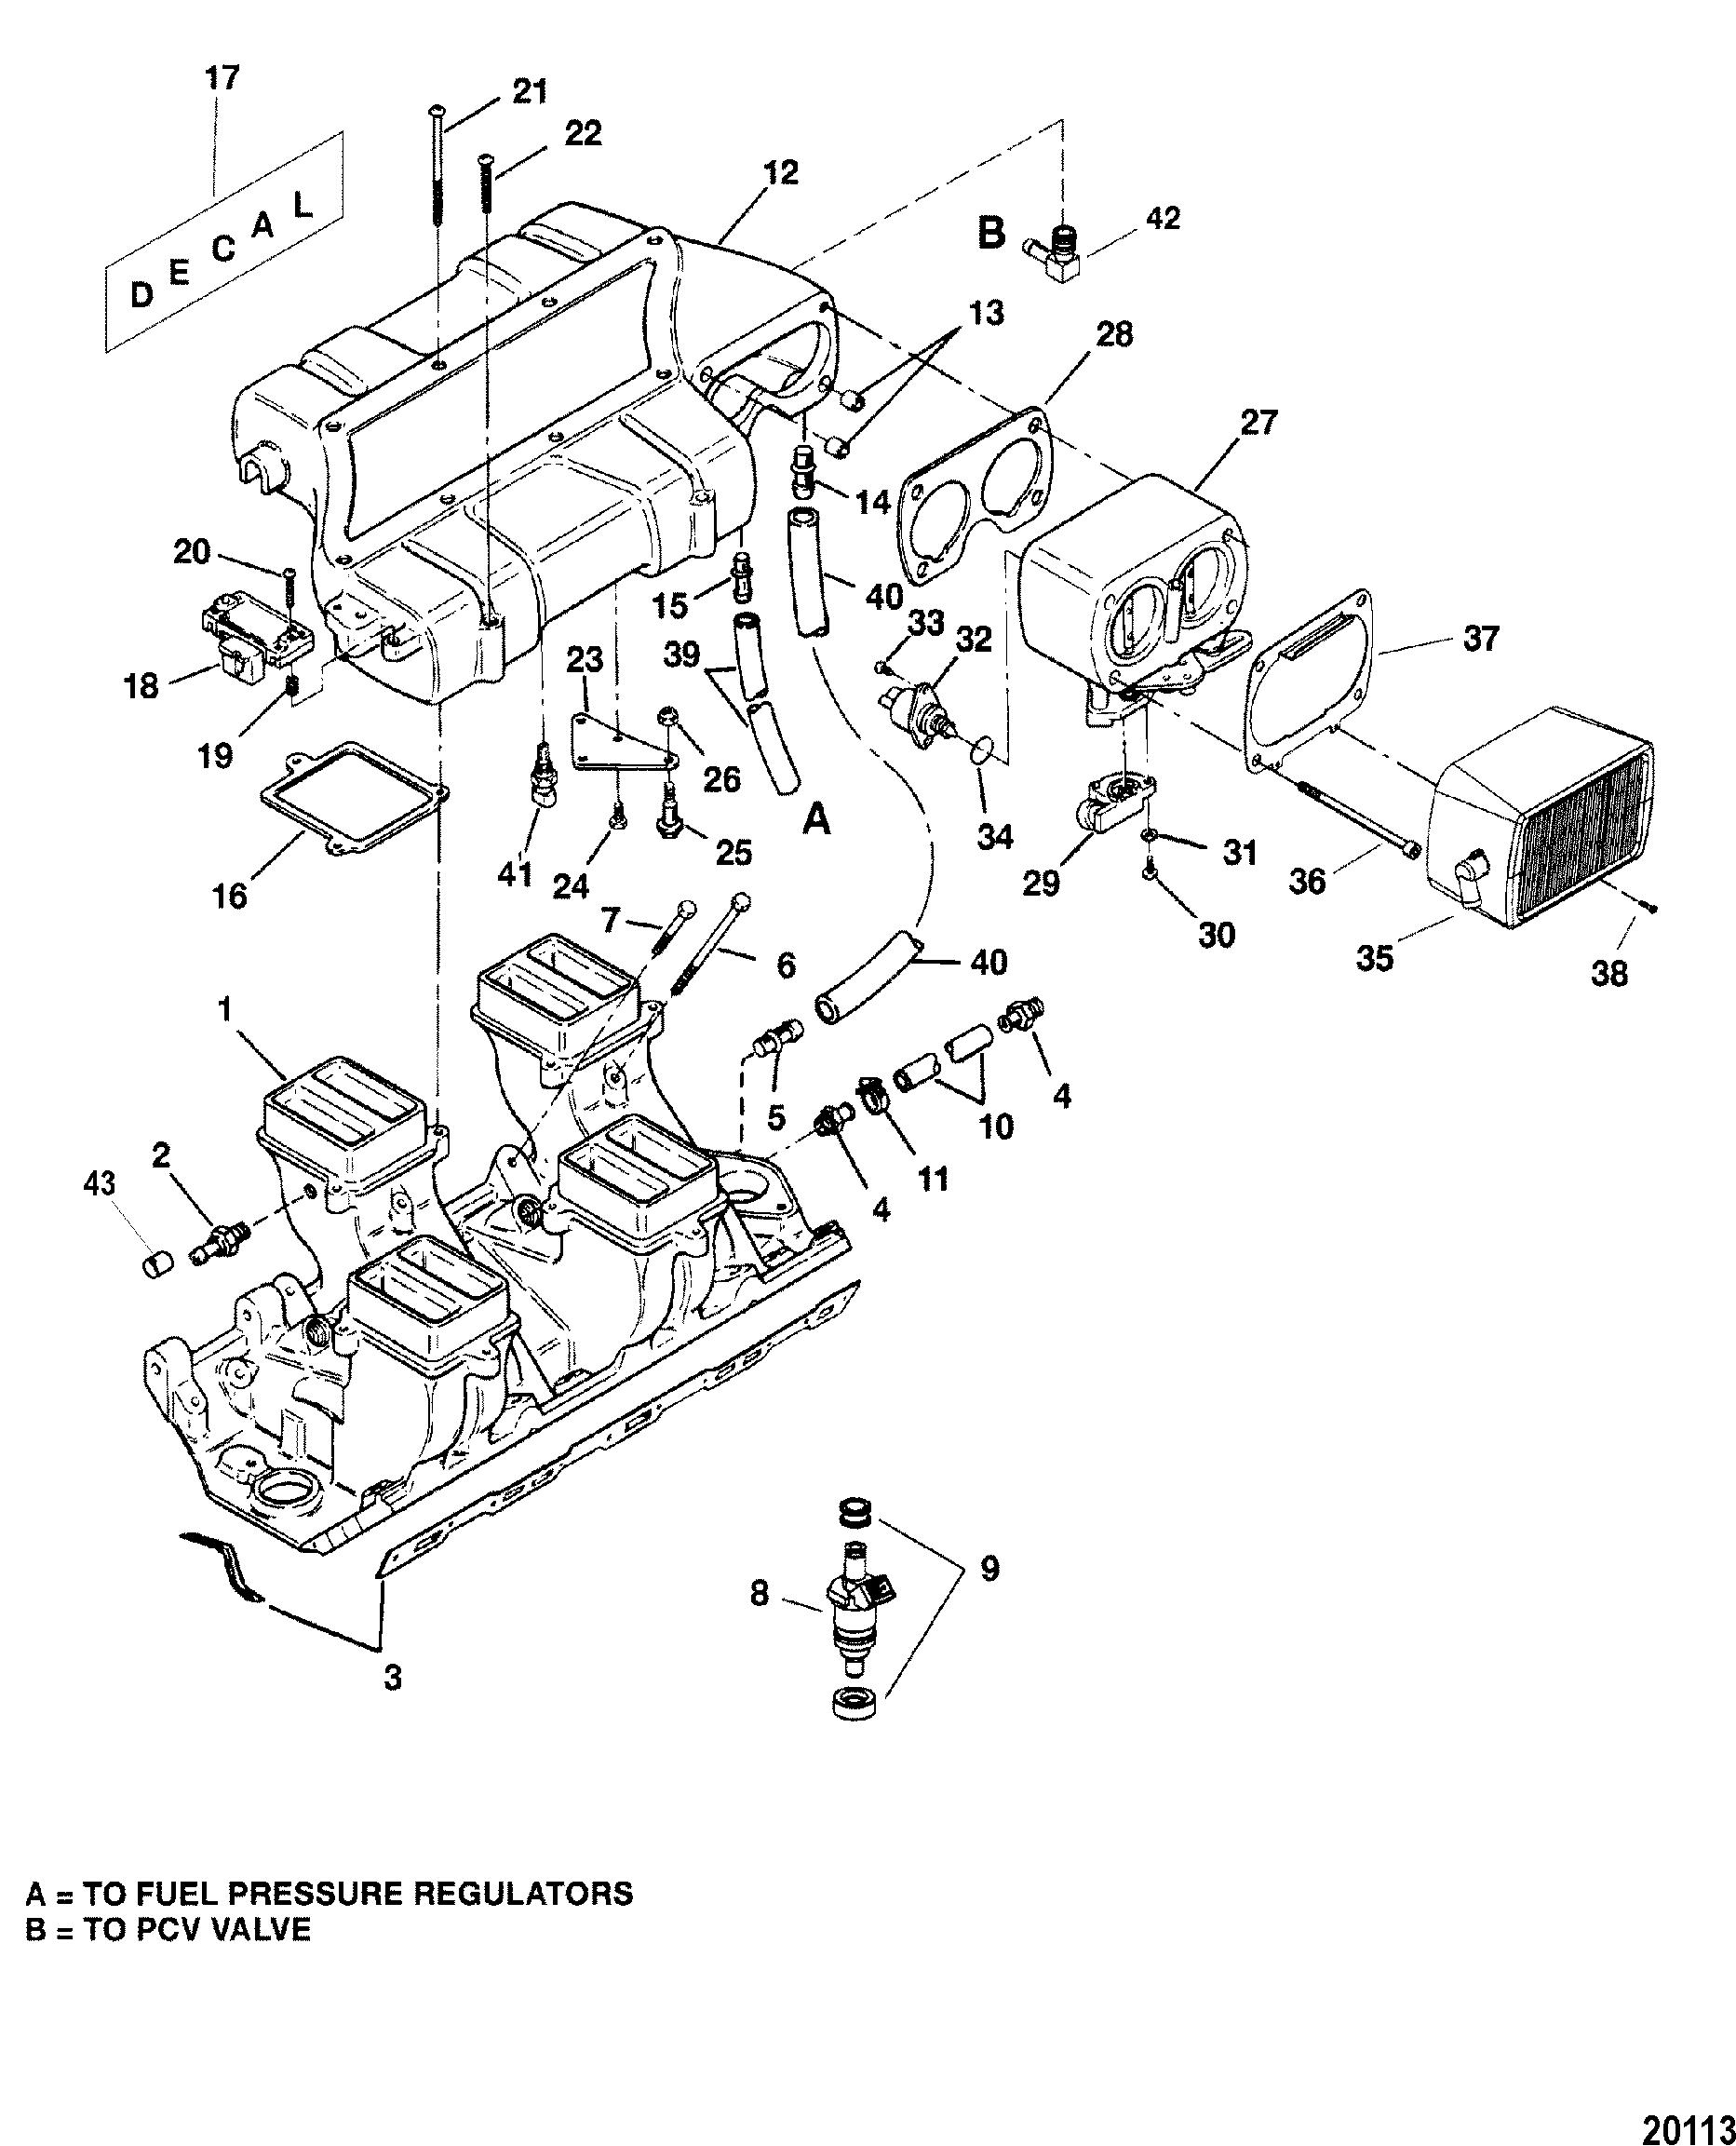 Intake Manifold And Intake Plenum For Mercruiser 454 502